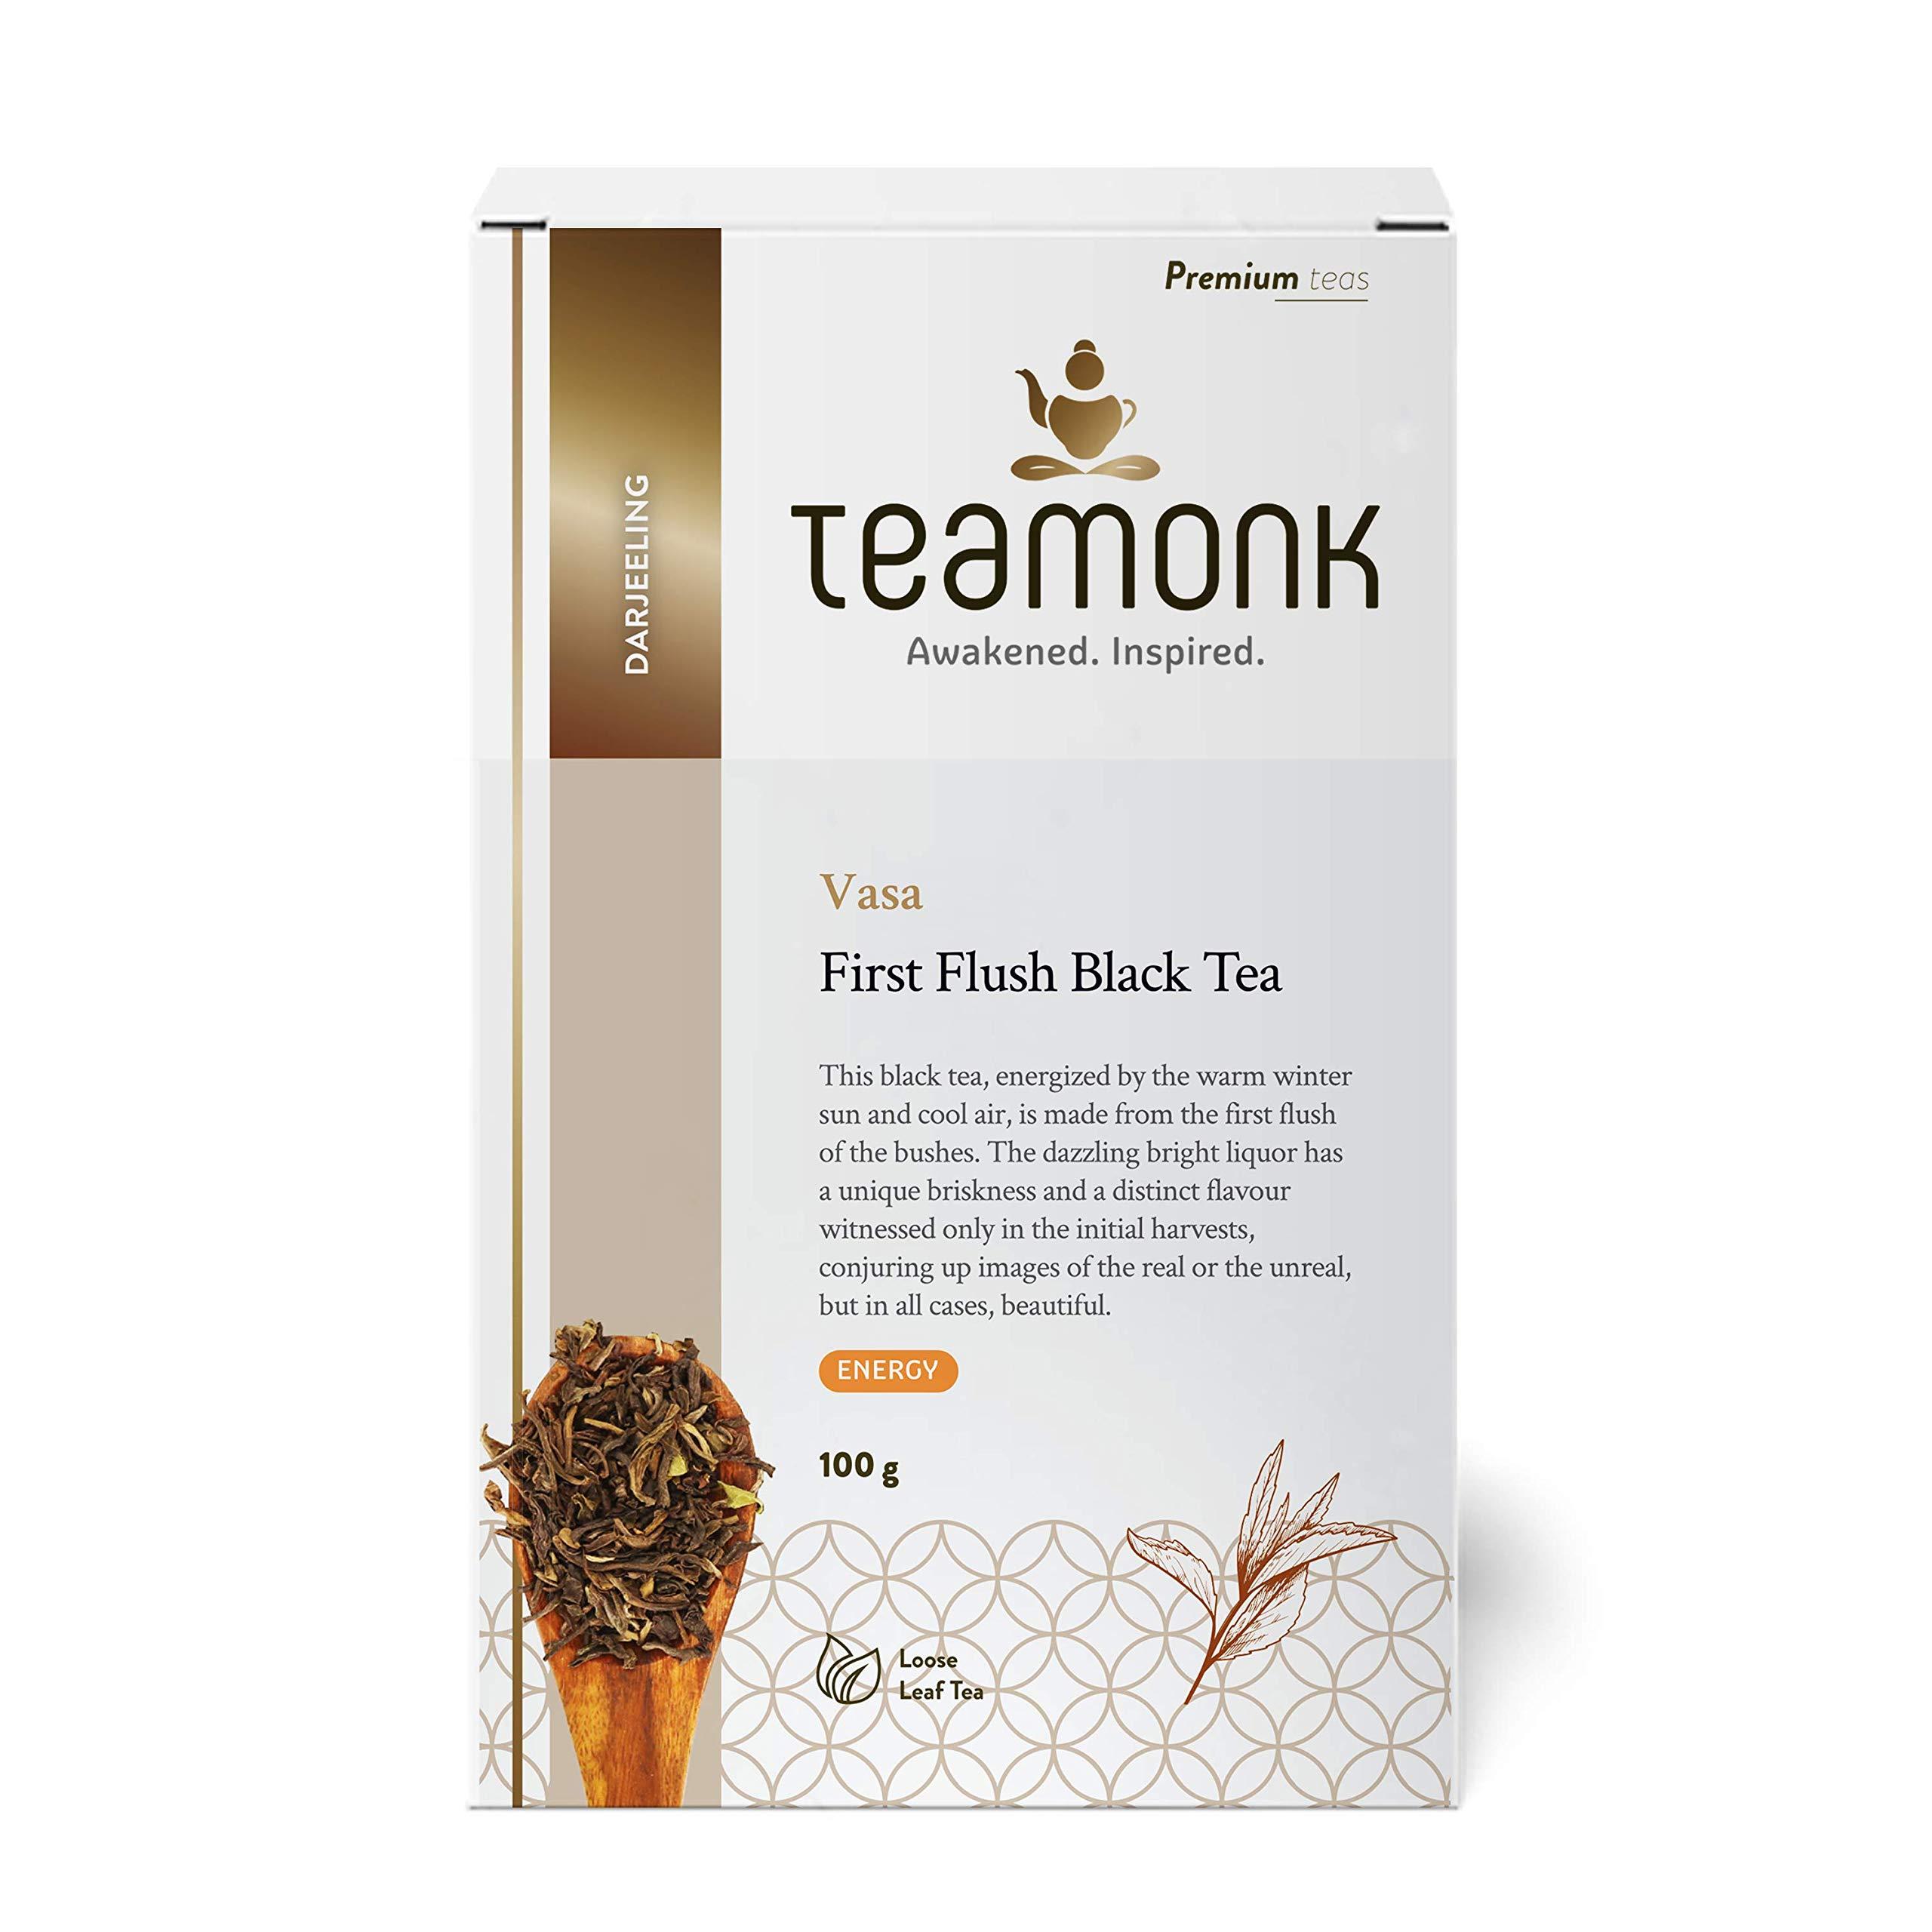 Teamonk Organic Darjeeling Tea First Flush Tea Loose Leaf (50 Cups) | Premium Black Tea Leaves | 100% Natural Tea | No Additives - 3.5oz